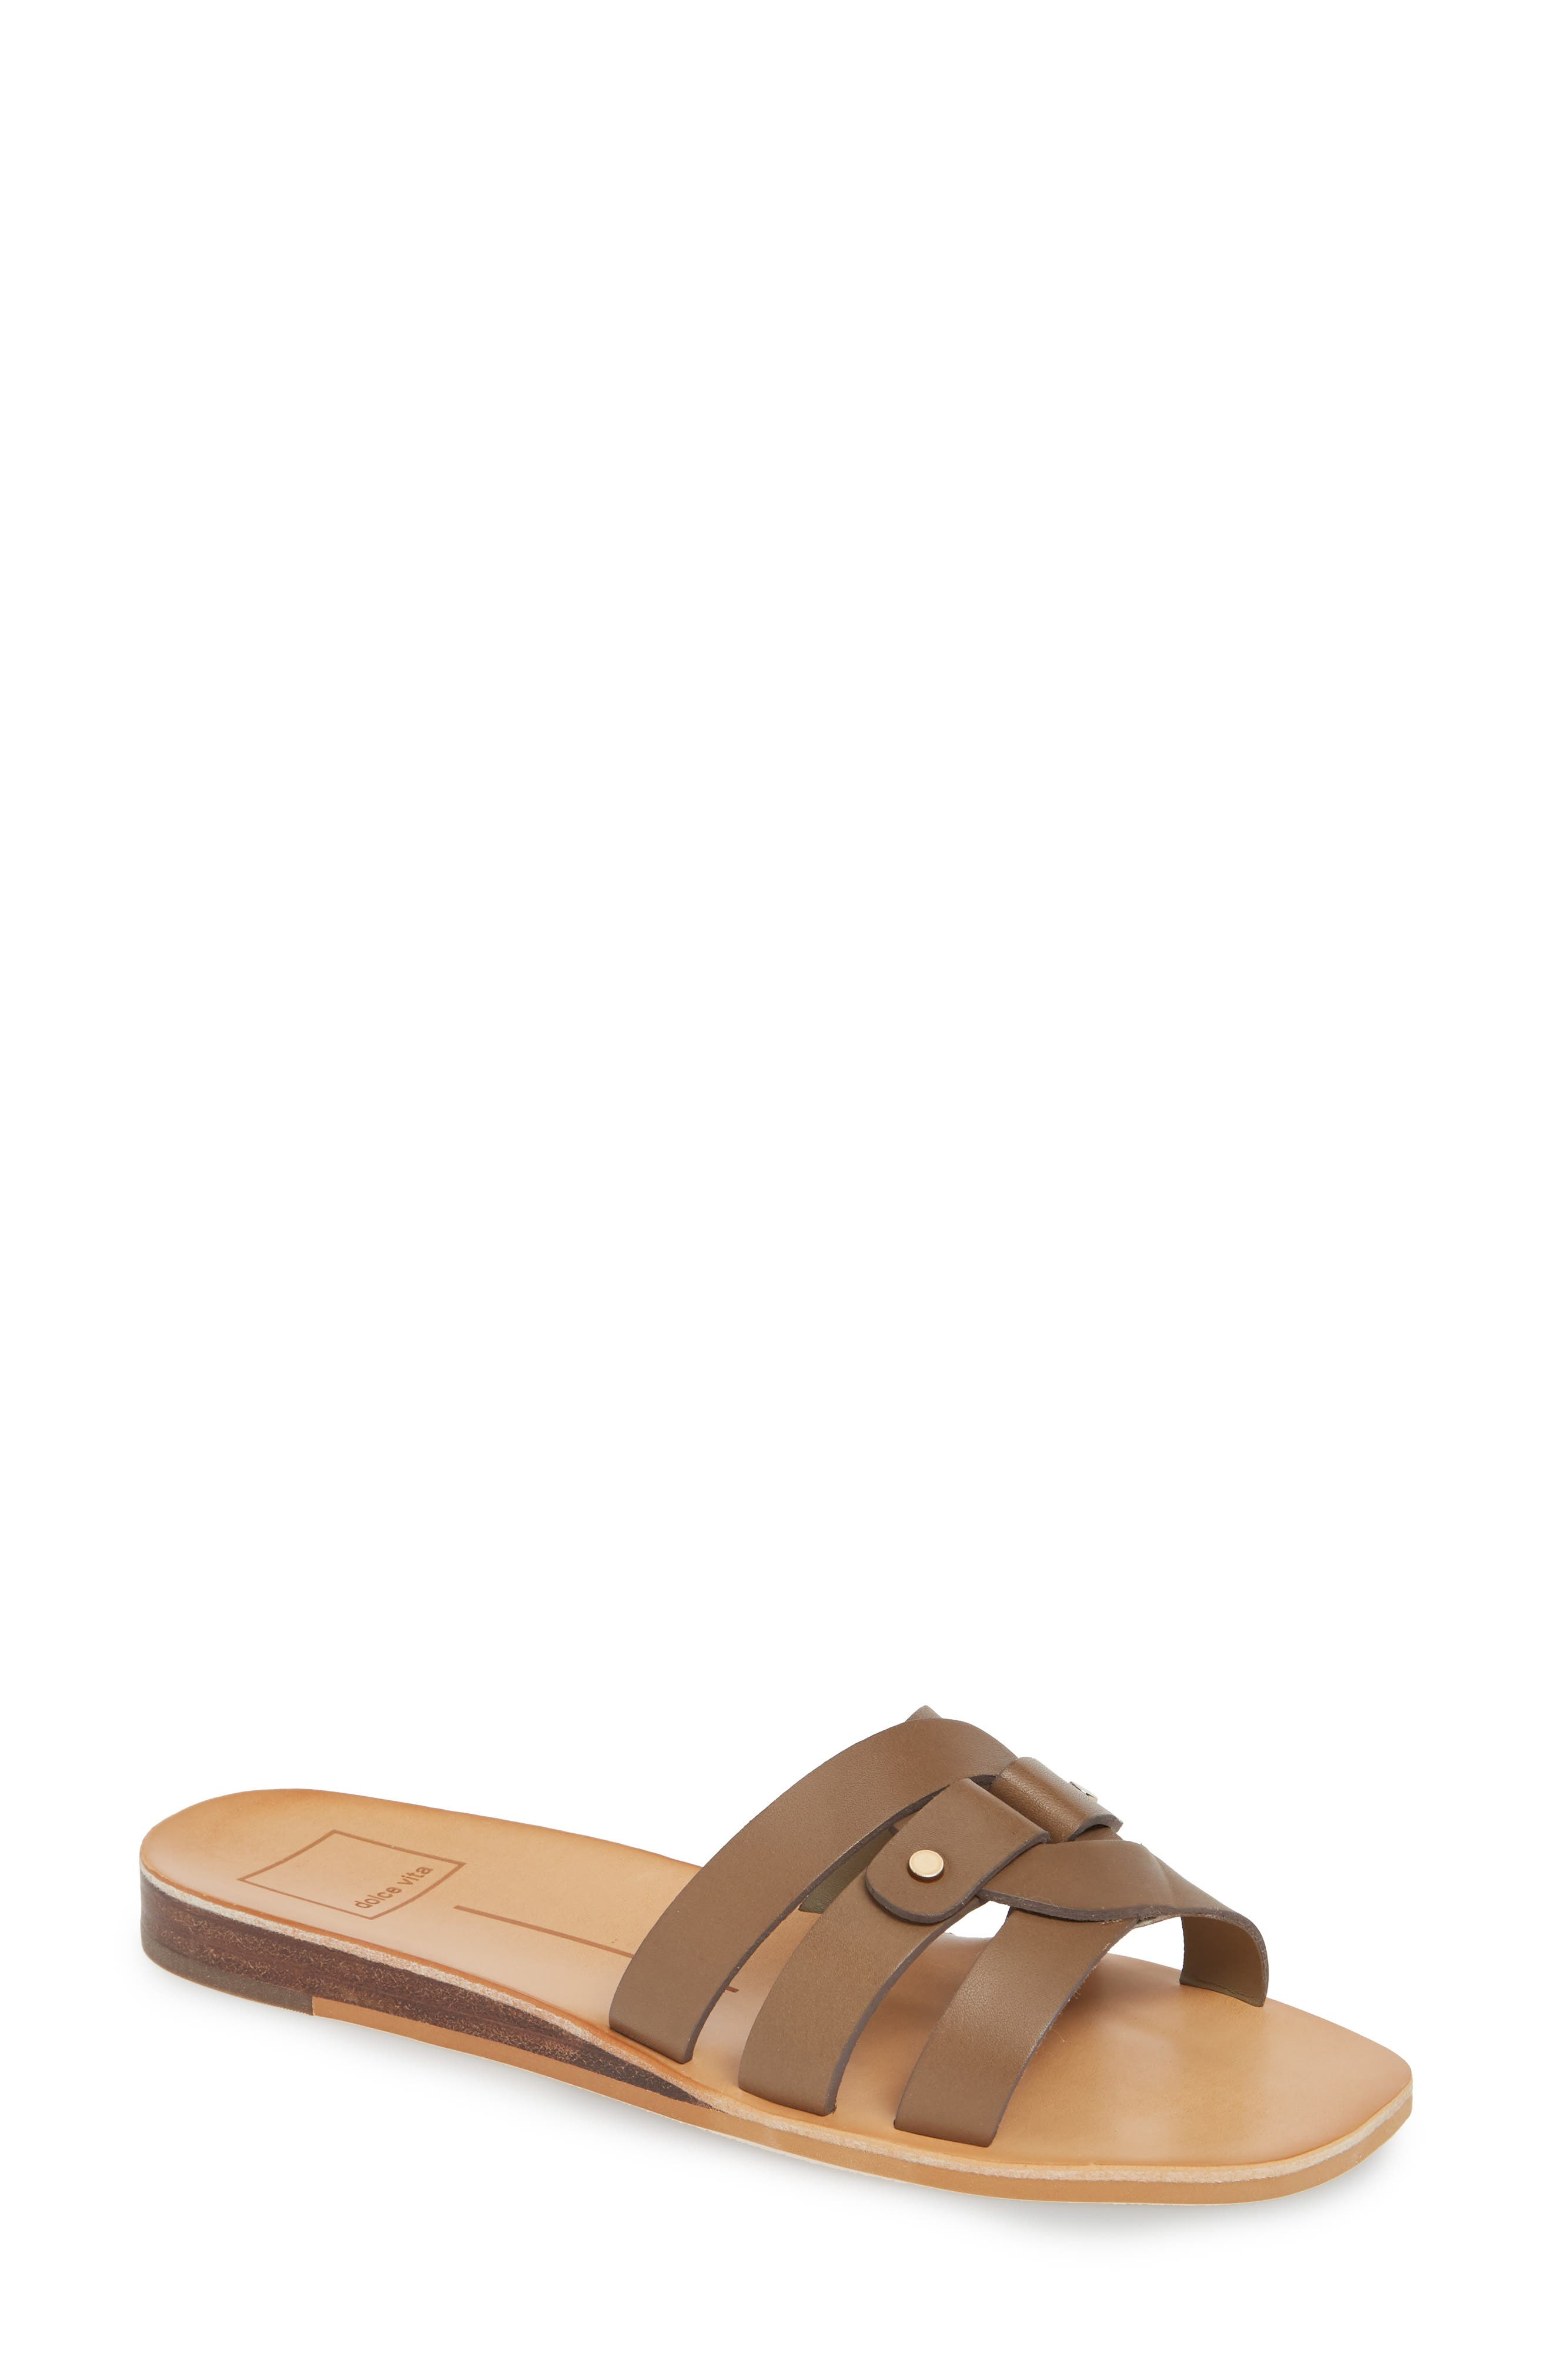 Dolce Vita Cait Slide Sandal, Green